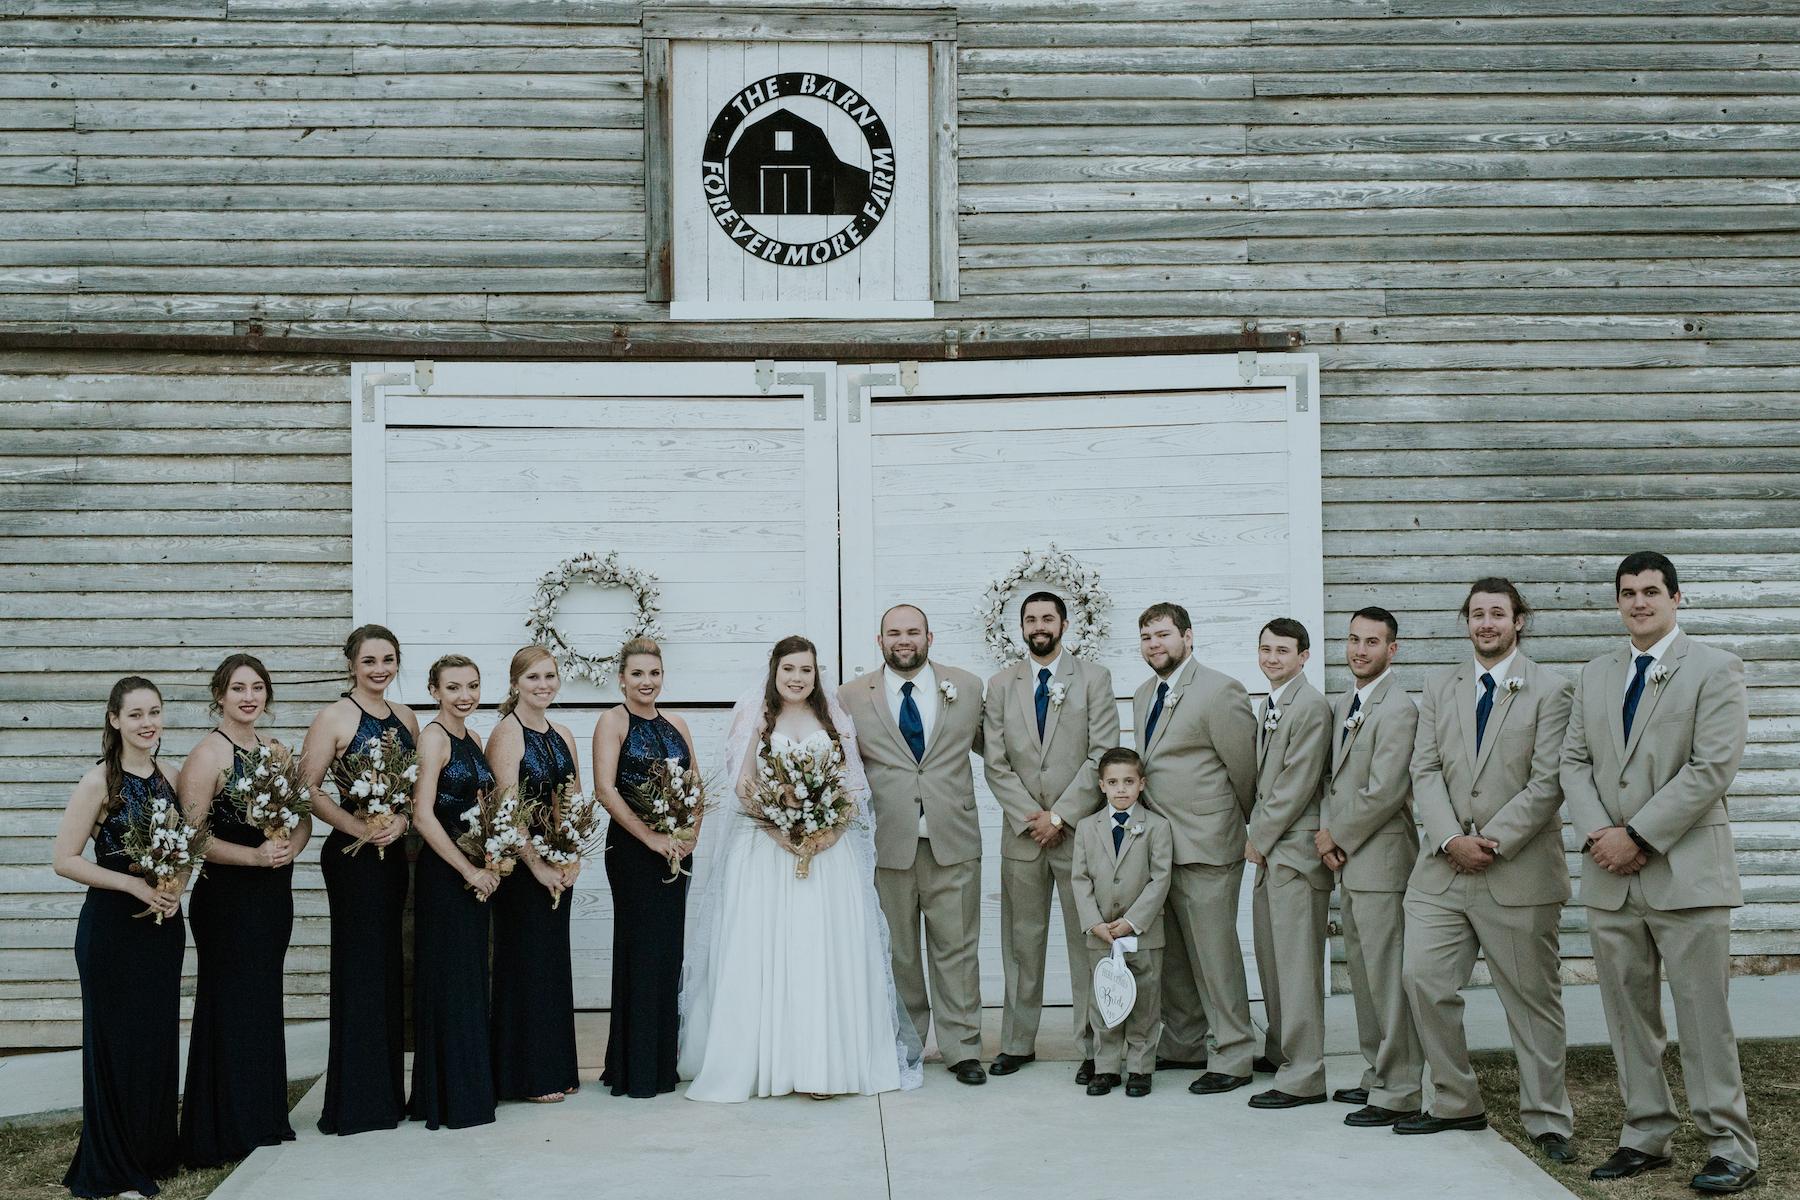 barn-forevermore-farm-moore-sc-wedding-041.JPG